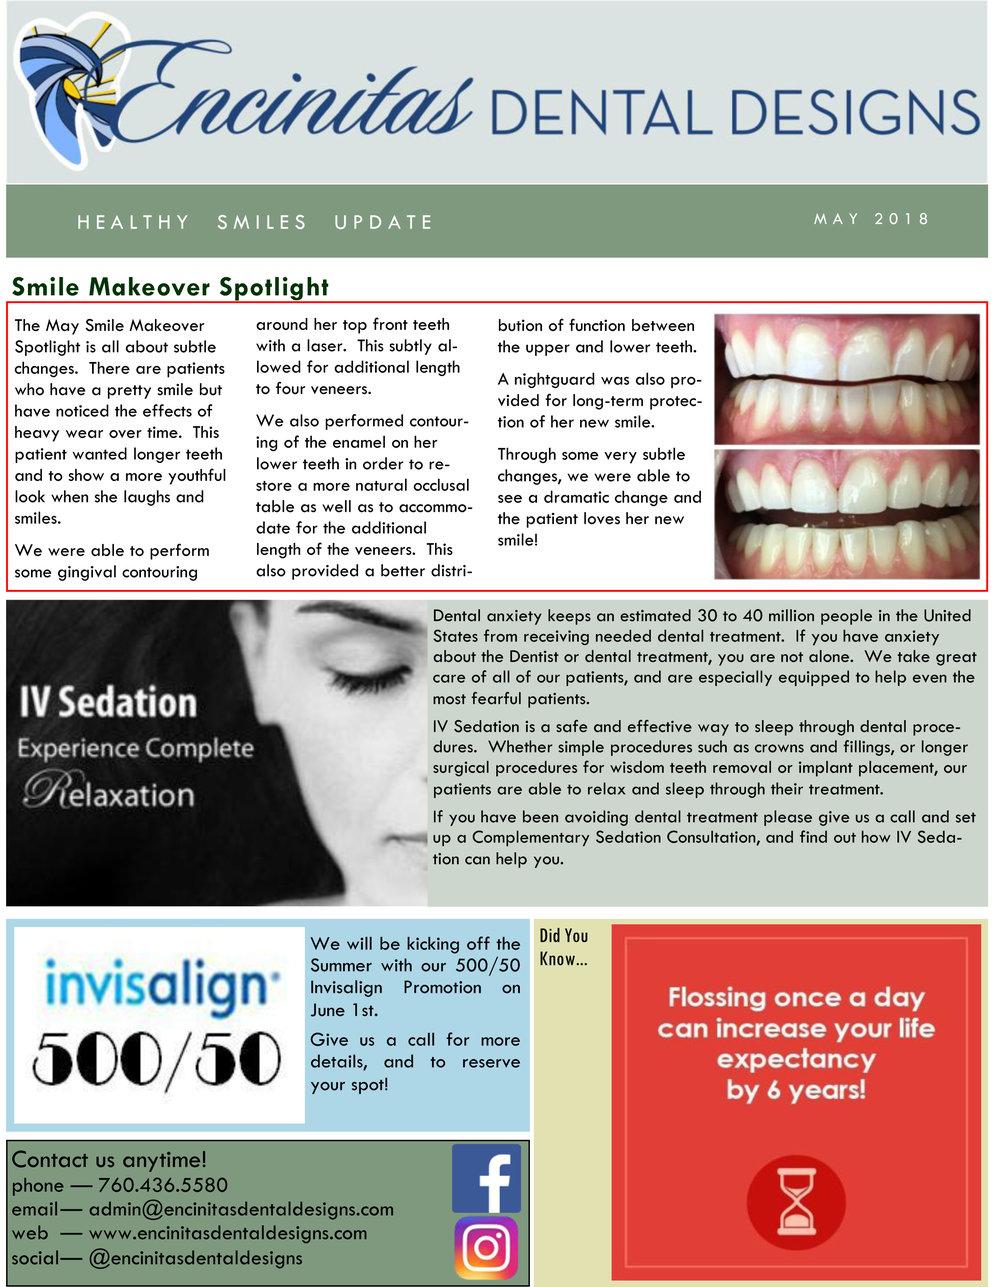 healthysmiles052018 (1) copy.jpg